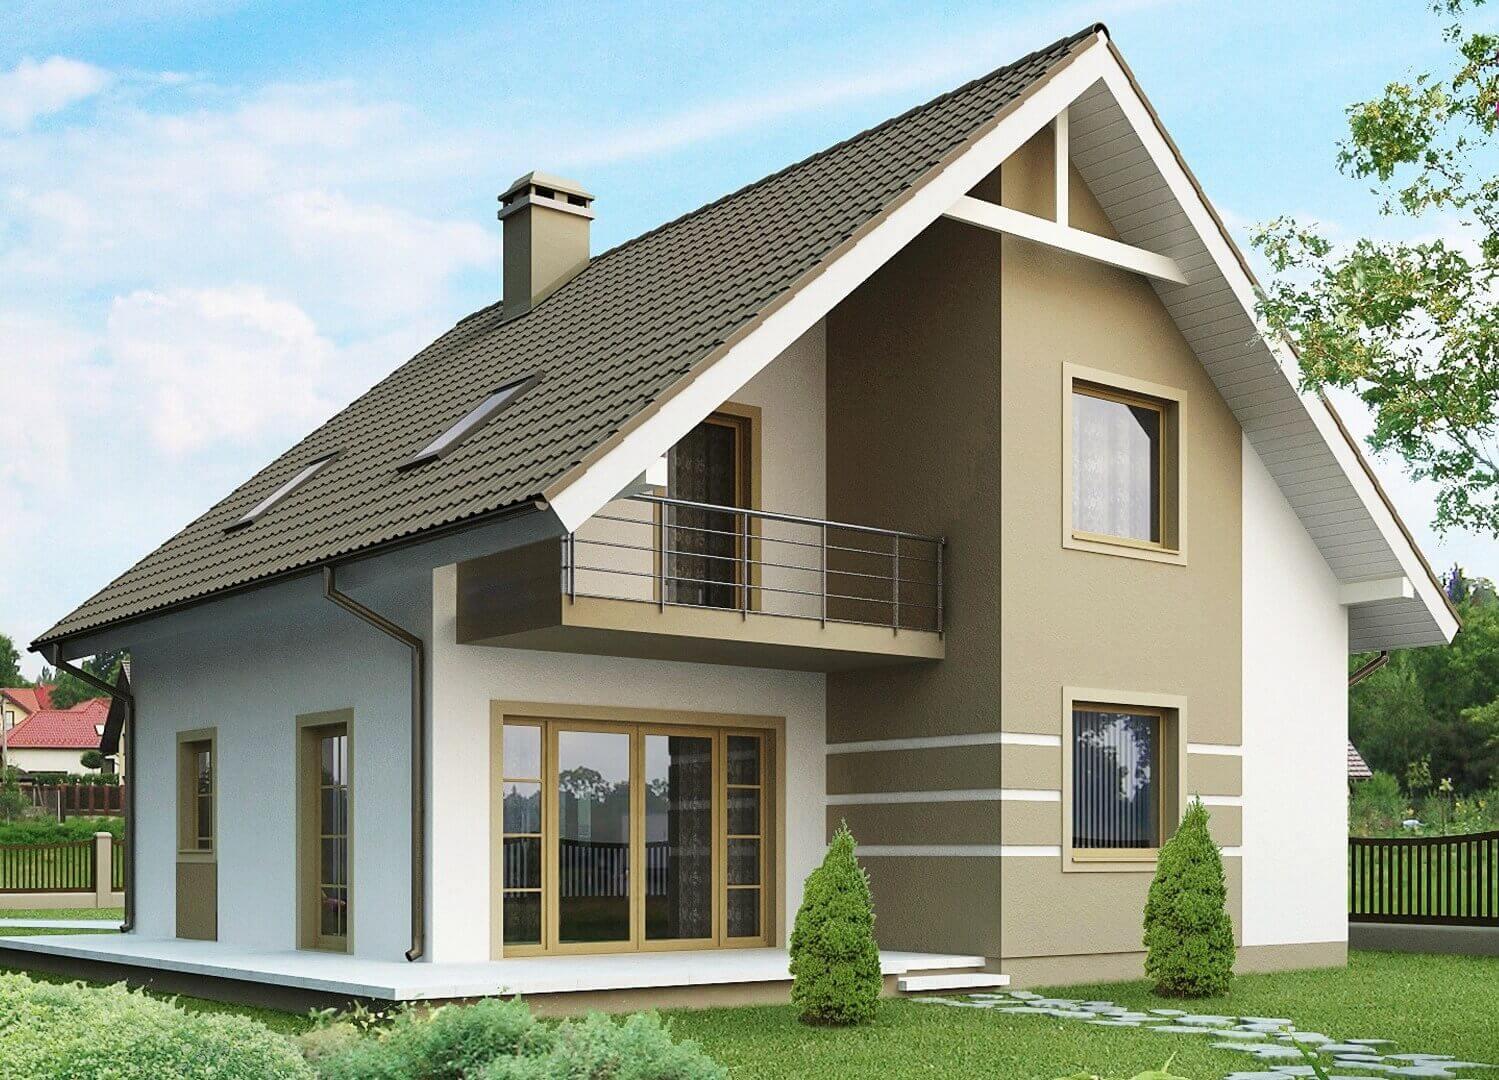 нас фото построенных домов с проектами учесть размеры вашей